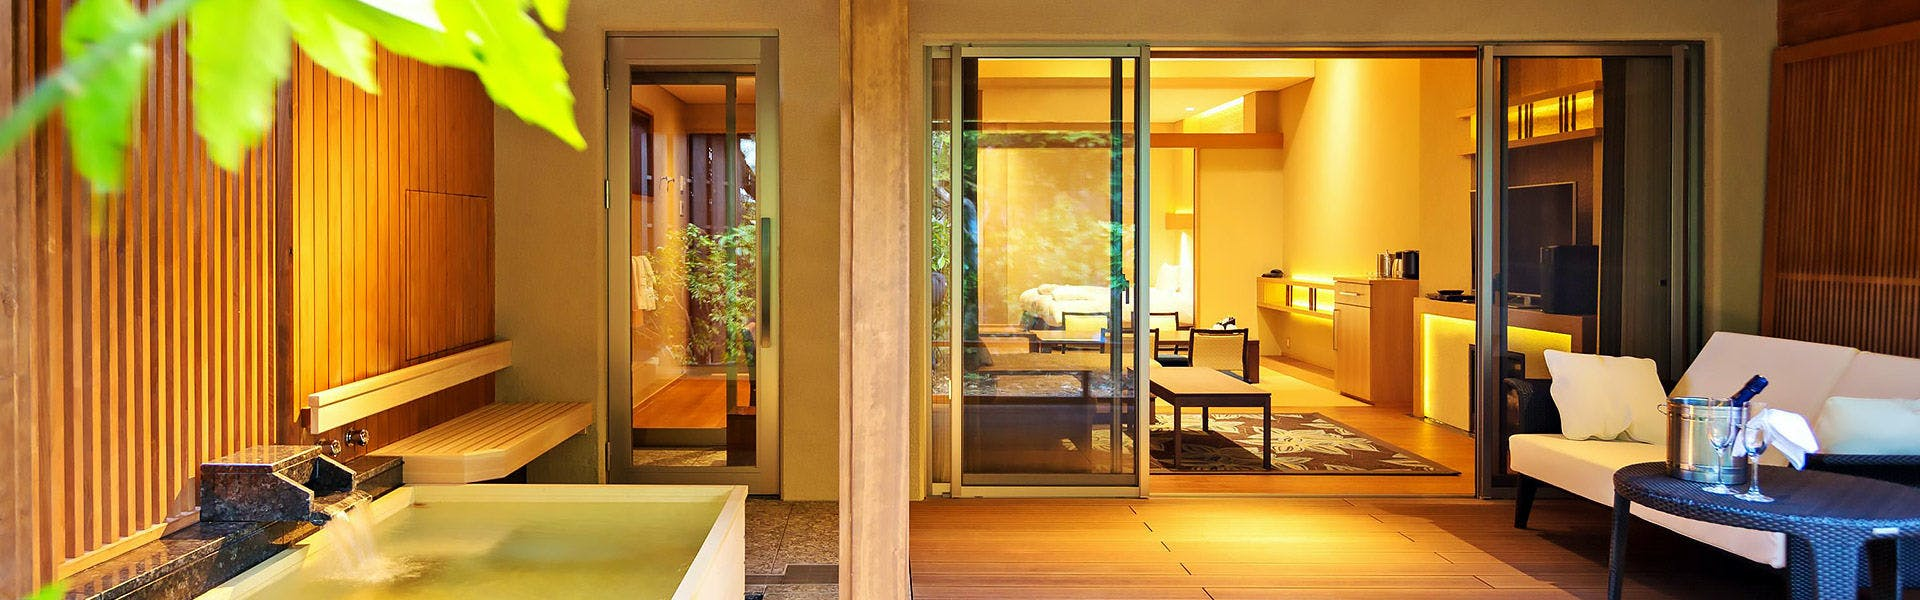 記念日におすすめのホテル・東府やResort&Spa-Izuの写真3